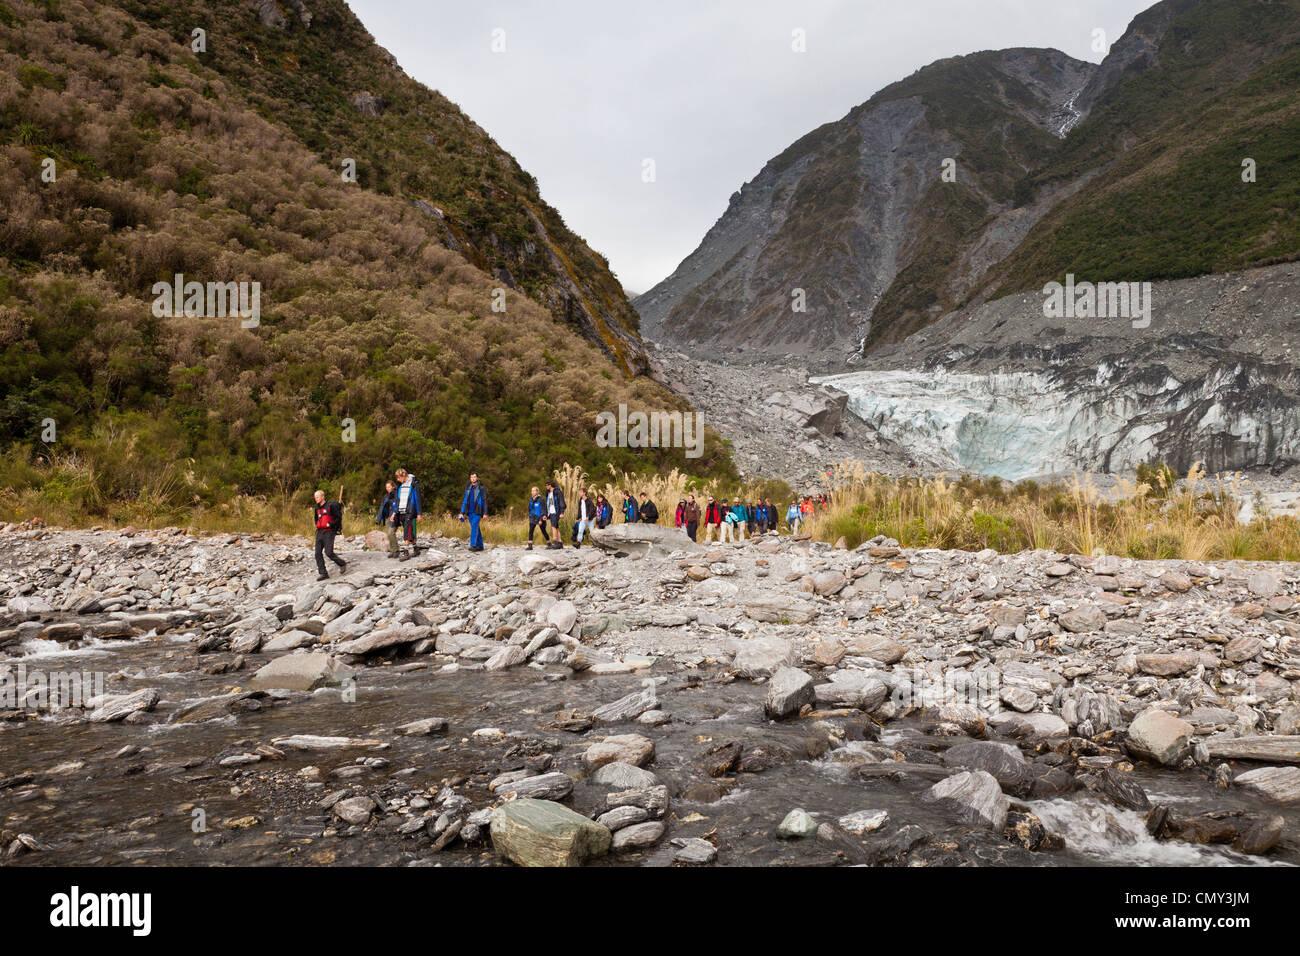 Geführte Partei der Touristen verlassen des Terminals von Fox Glacier, West Coast, New Zealand. Stockfoto